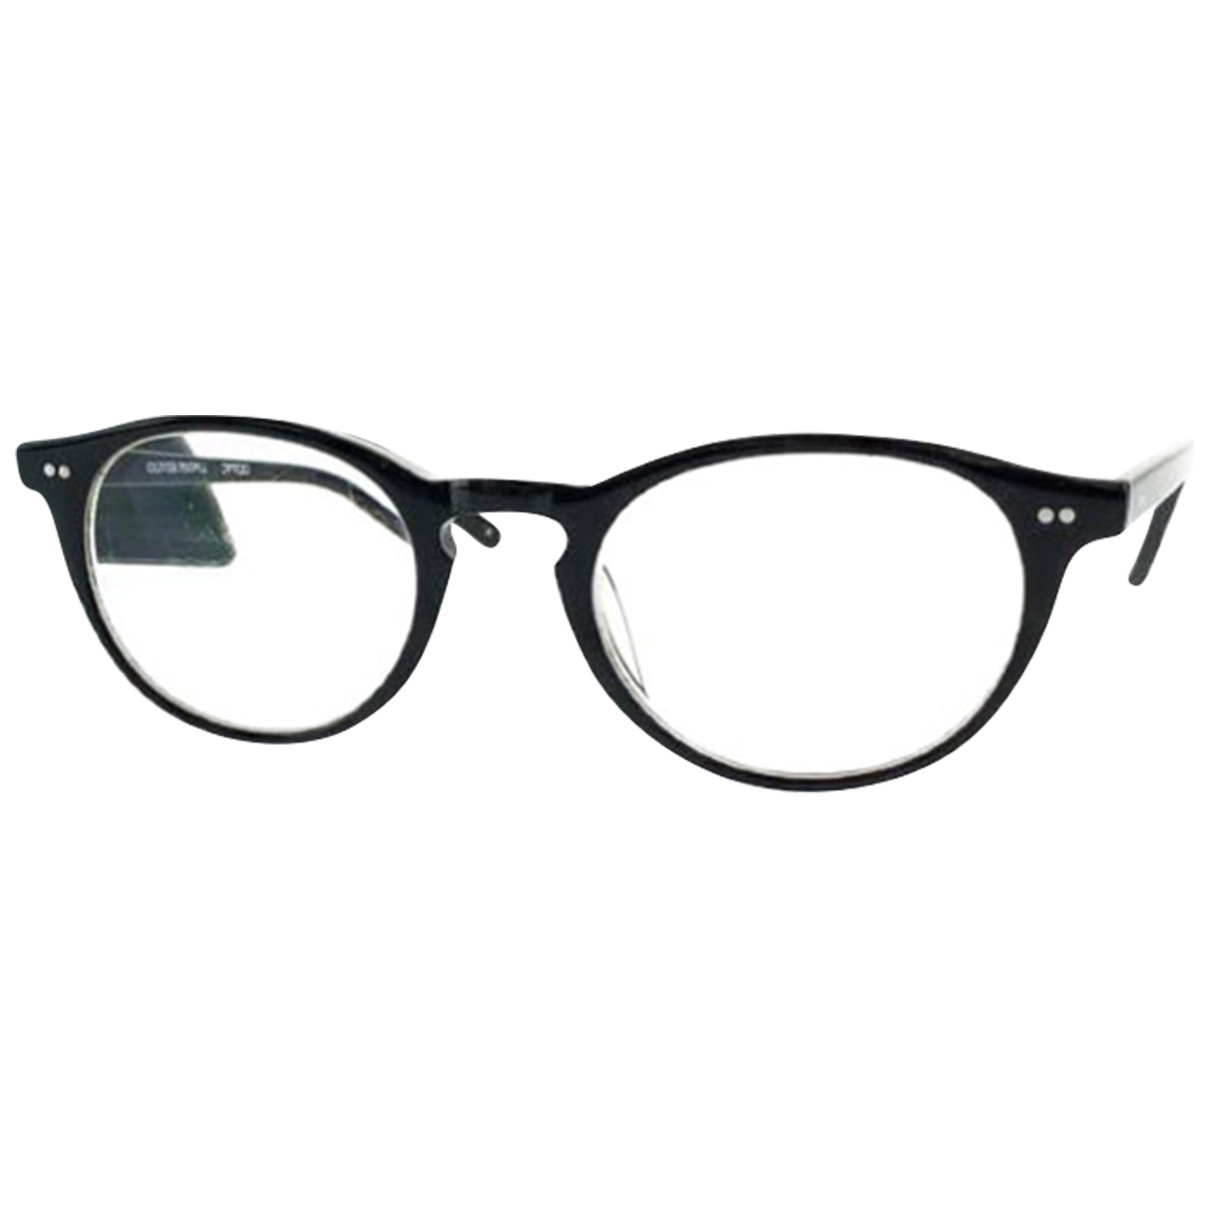 Gafas Oliver Peoples